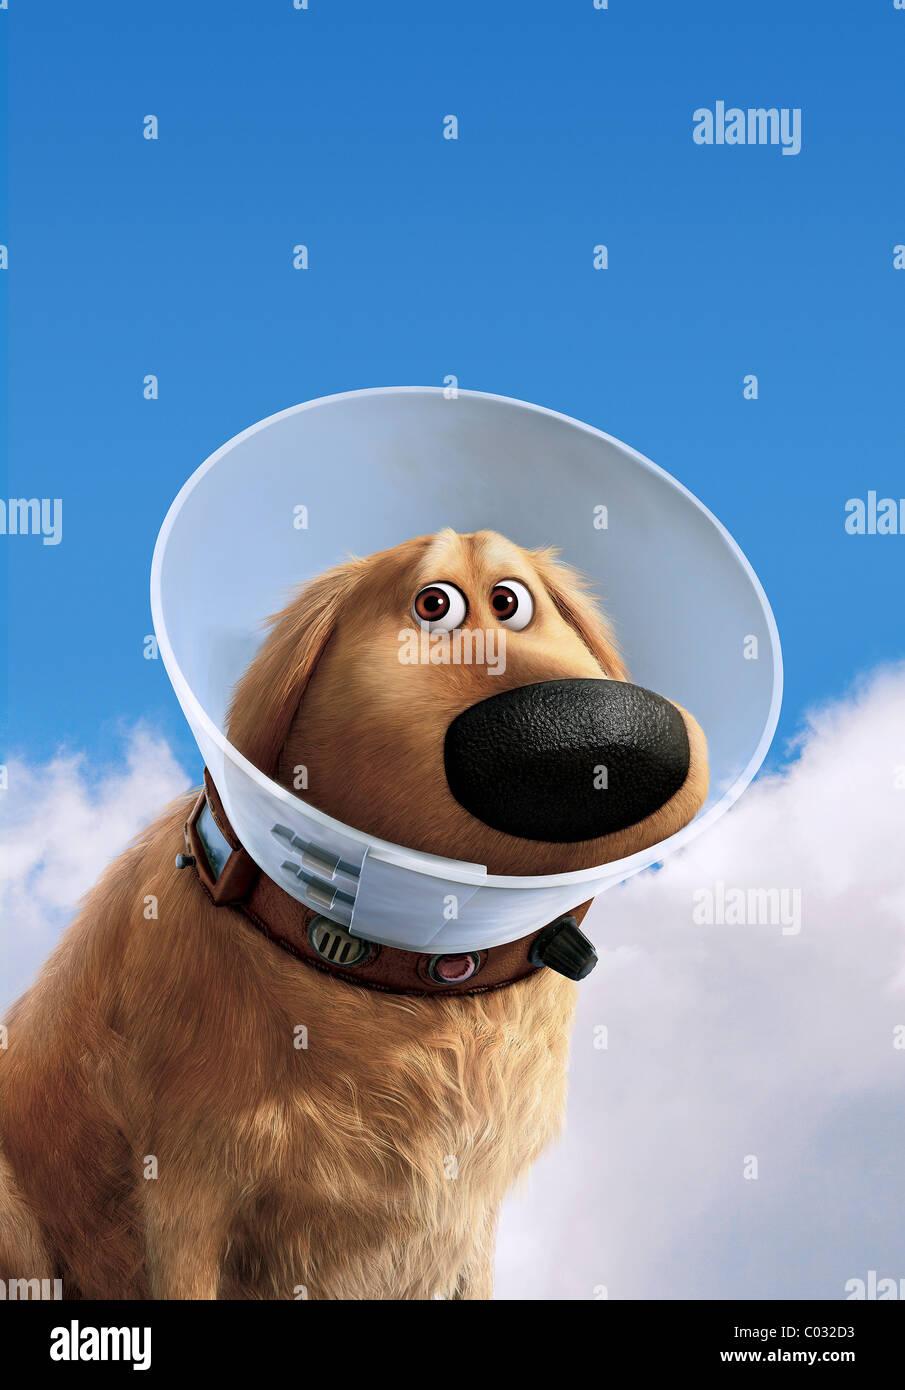 DUG UP (2009) - Stock Image